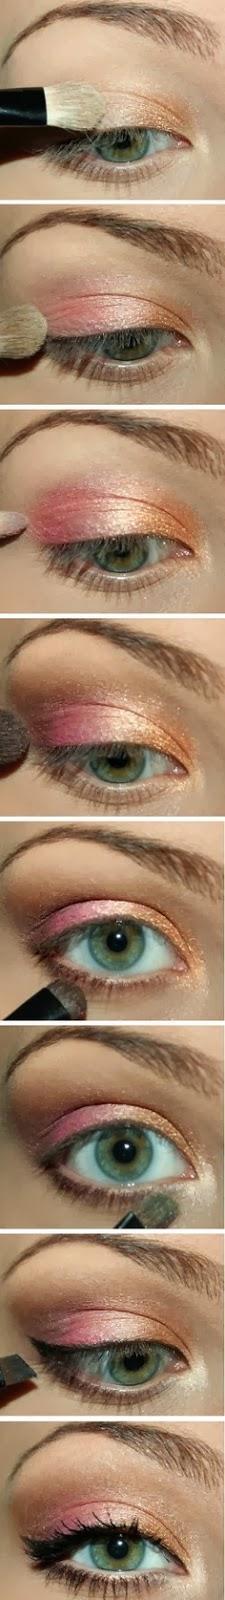 C mo maquillarse los ojos paso a paso fotos paperblog - Como maquillarse paso a paso ...